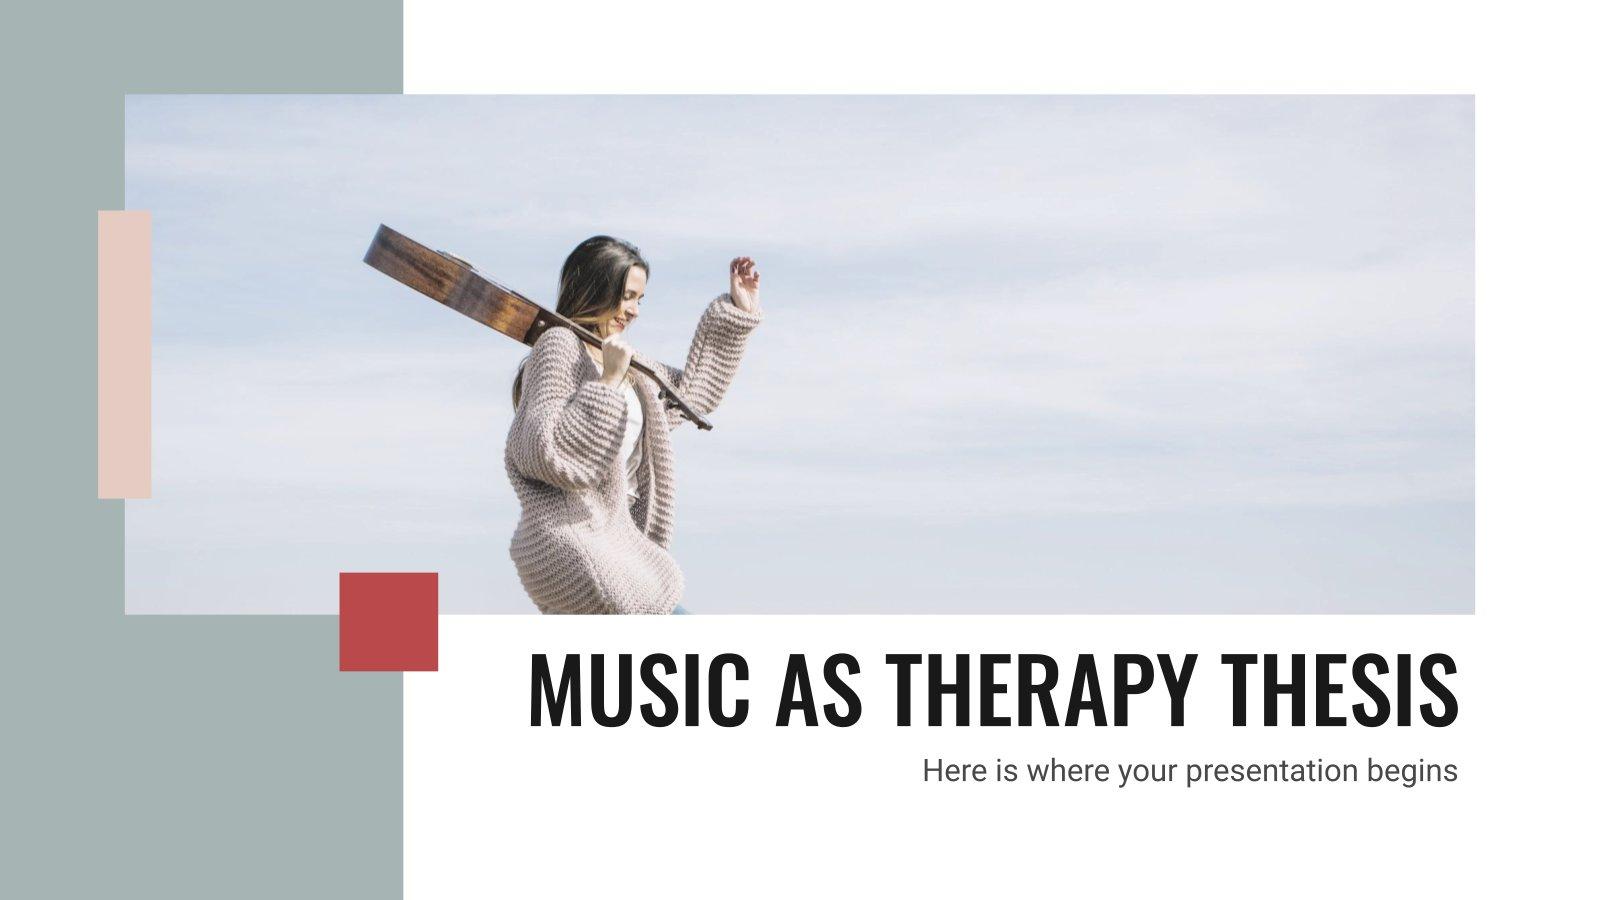 Musiktherapie Abschlussarbeit Präsentationsvorlage